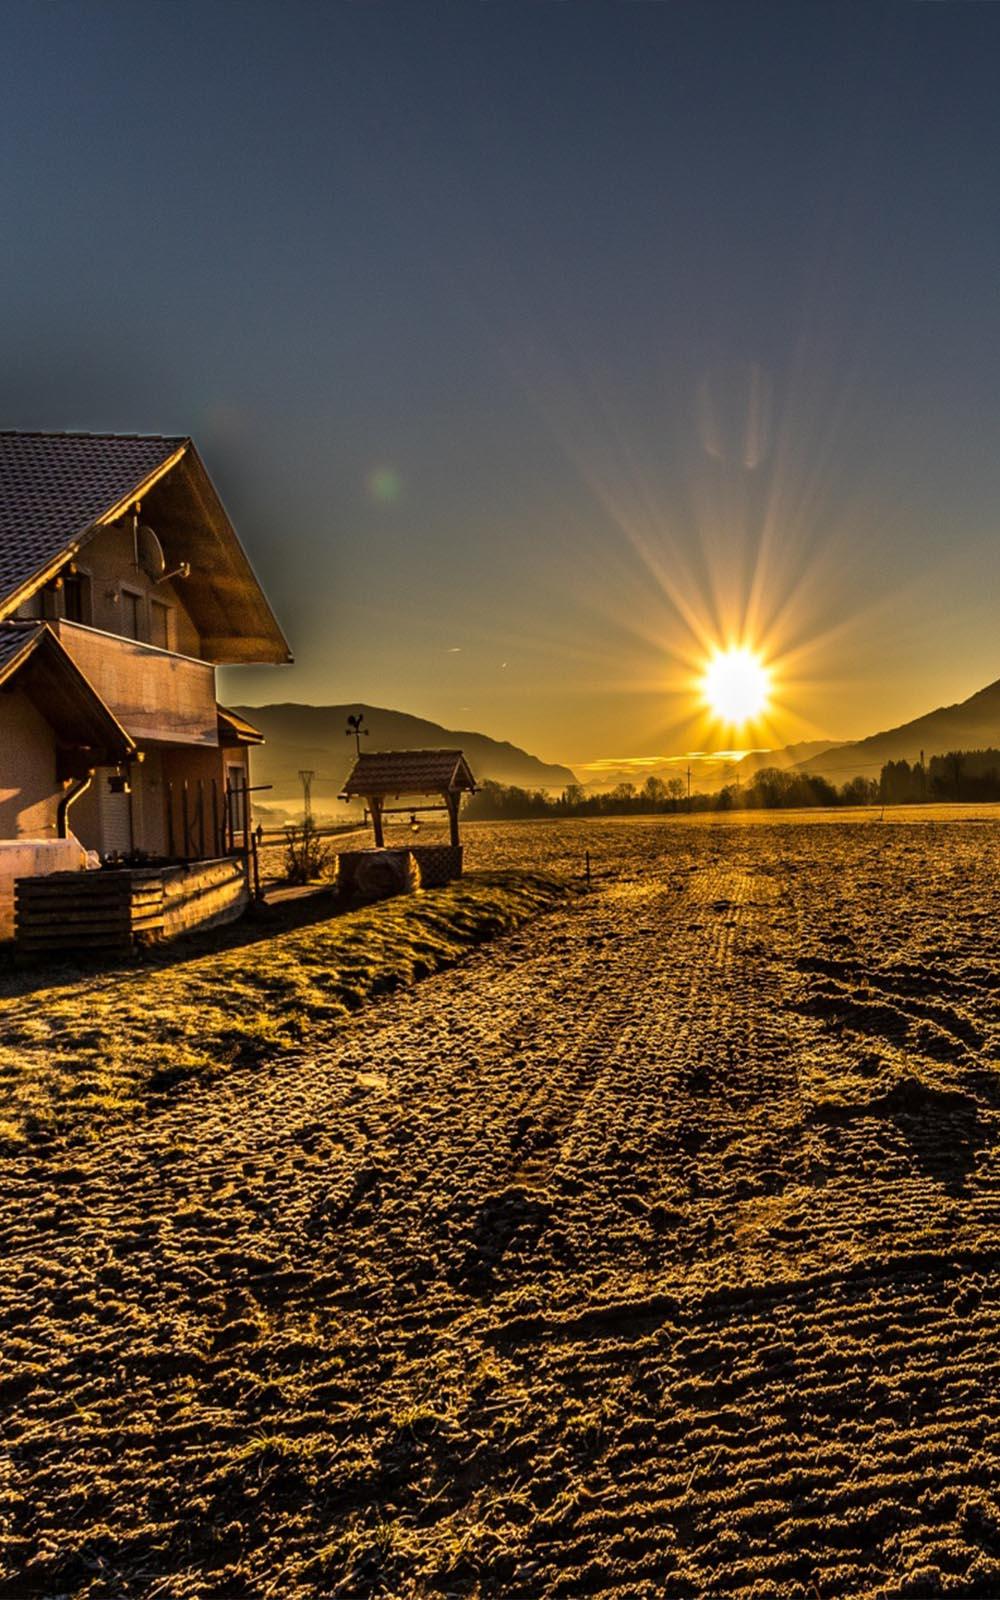 Sunrise Rising Sun Wallpaper For Mobile 1000x1600 Wallpaper Teahub Io